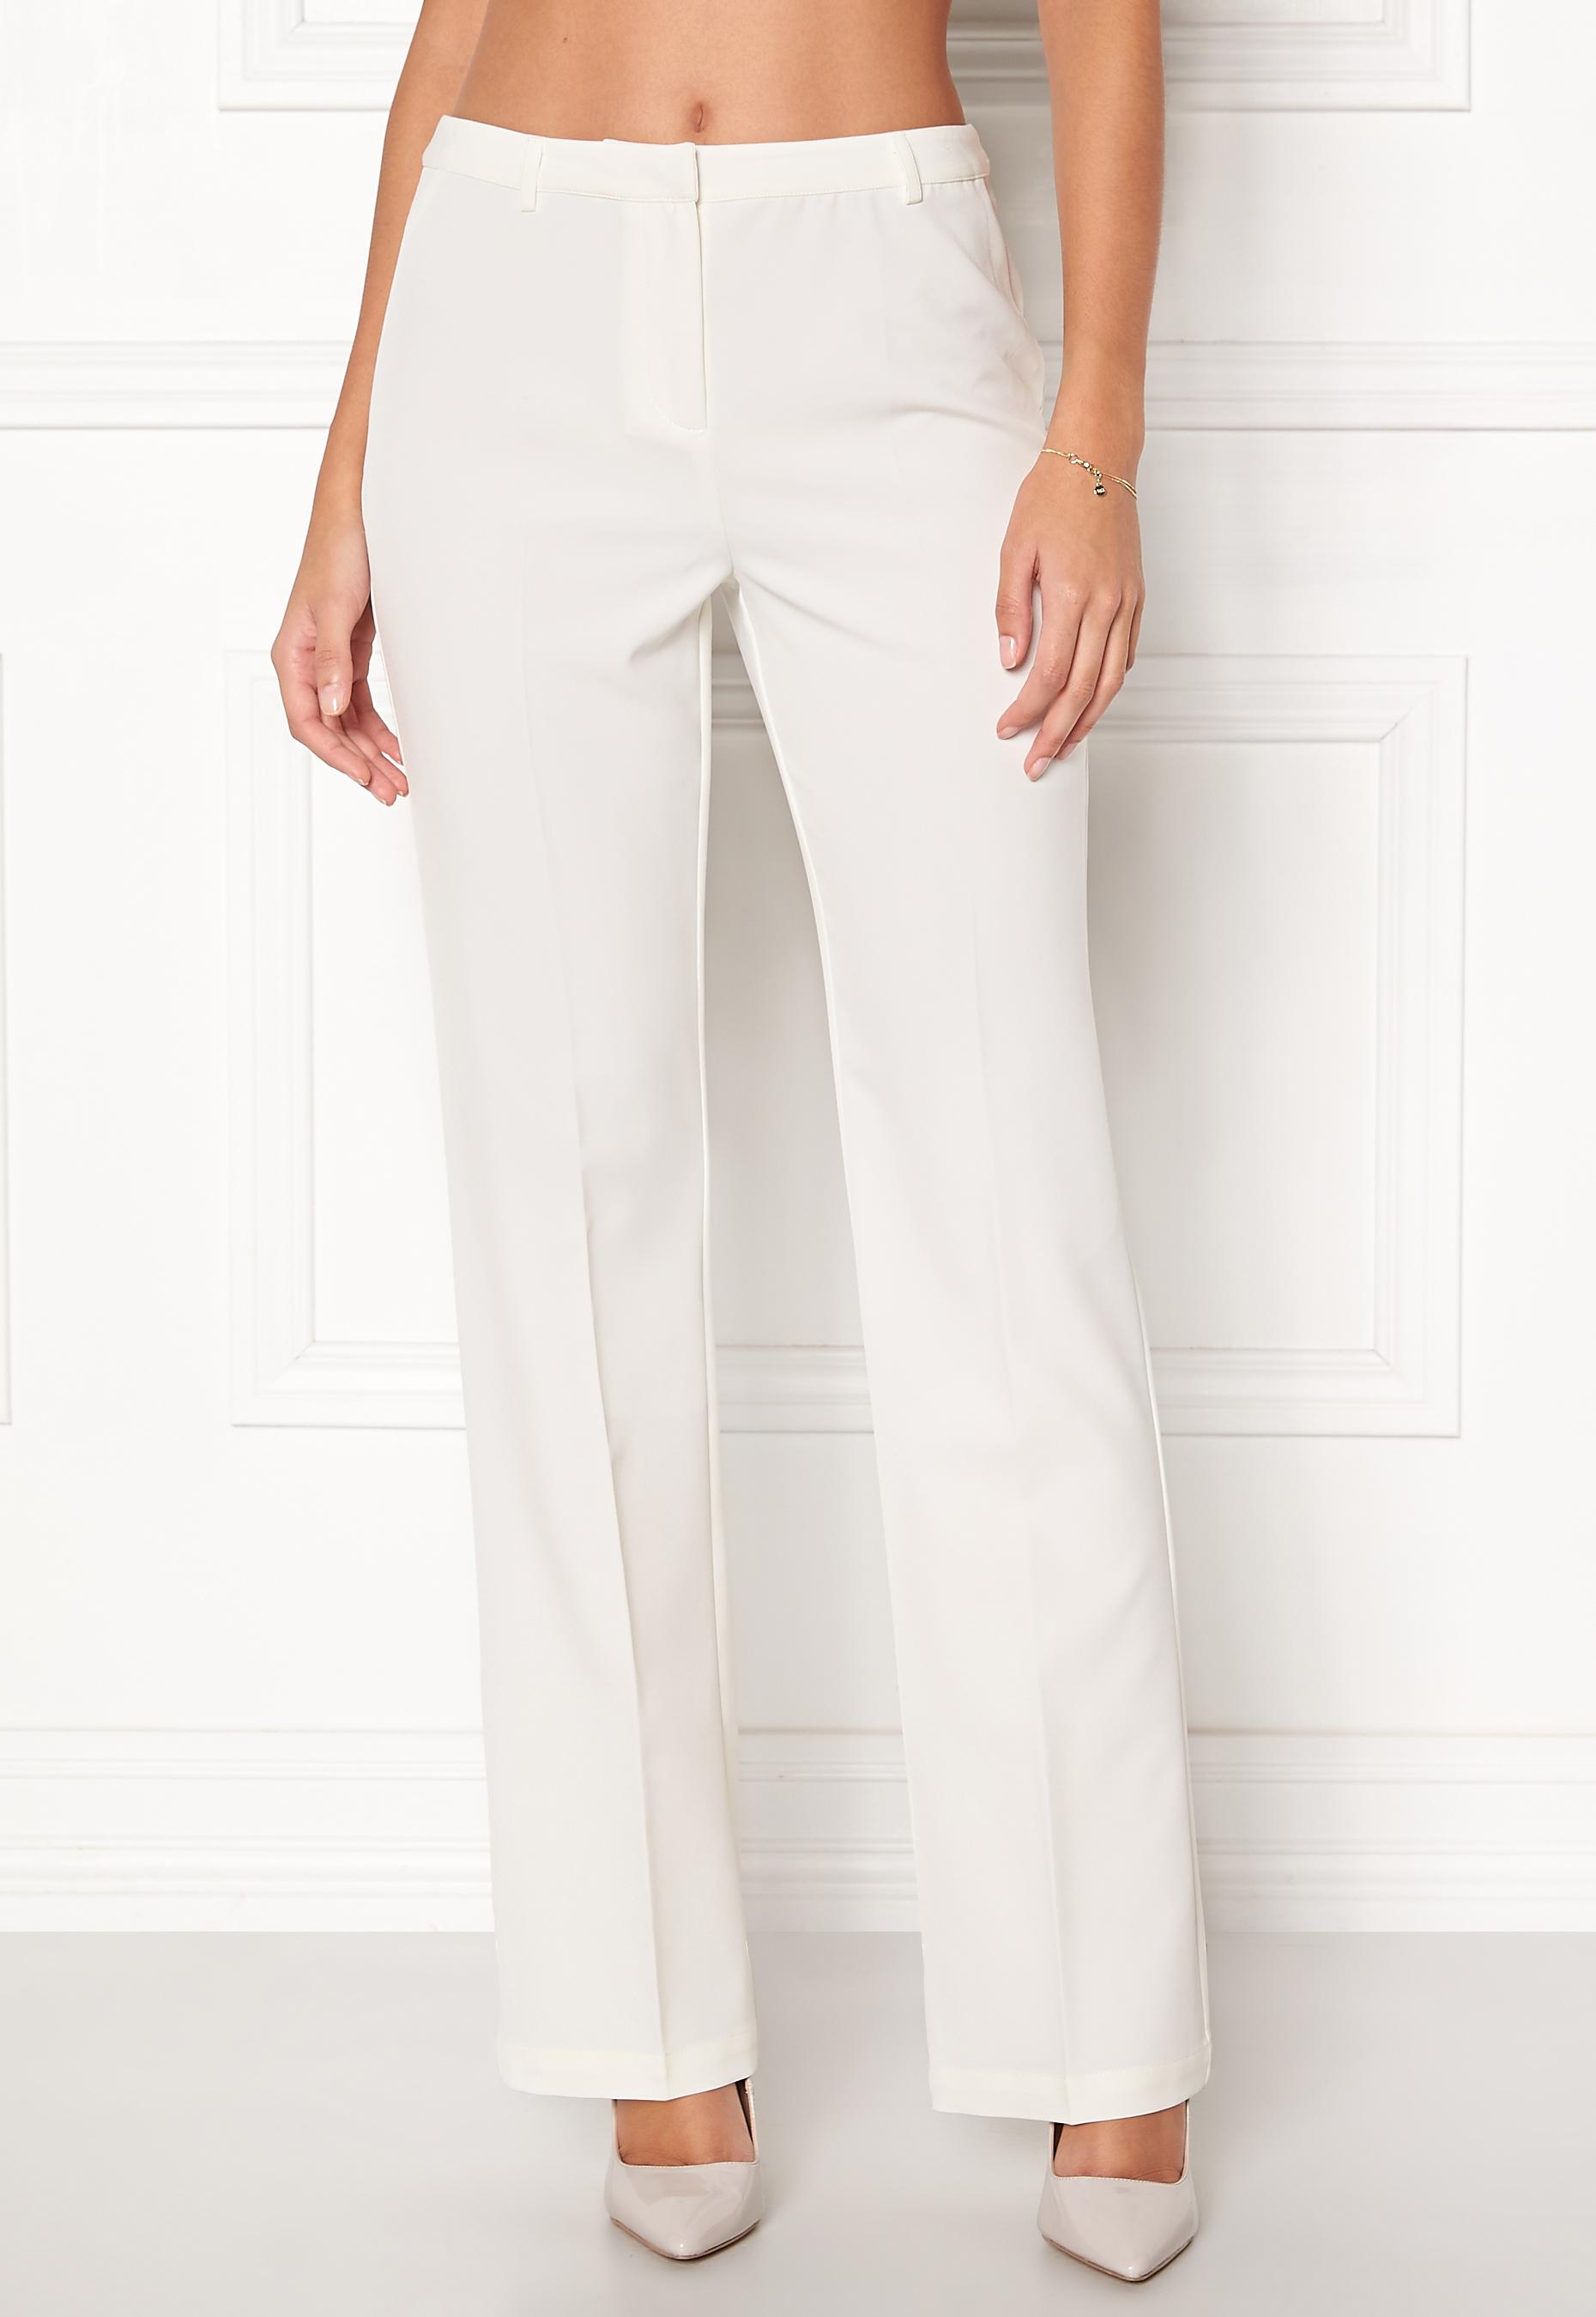 Bubbleroom london suit pants white bubbleroom jpg 1860x2700 London pants 9603411d7